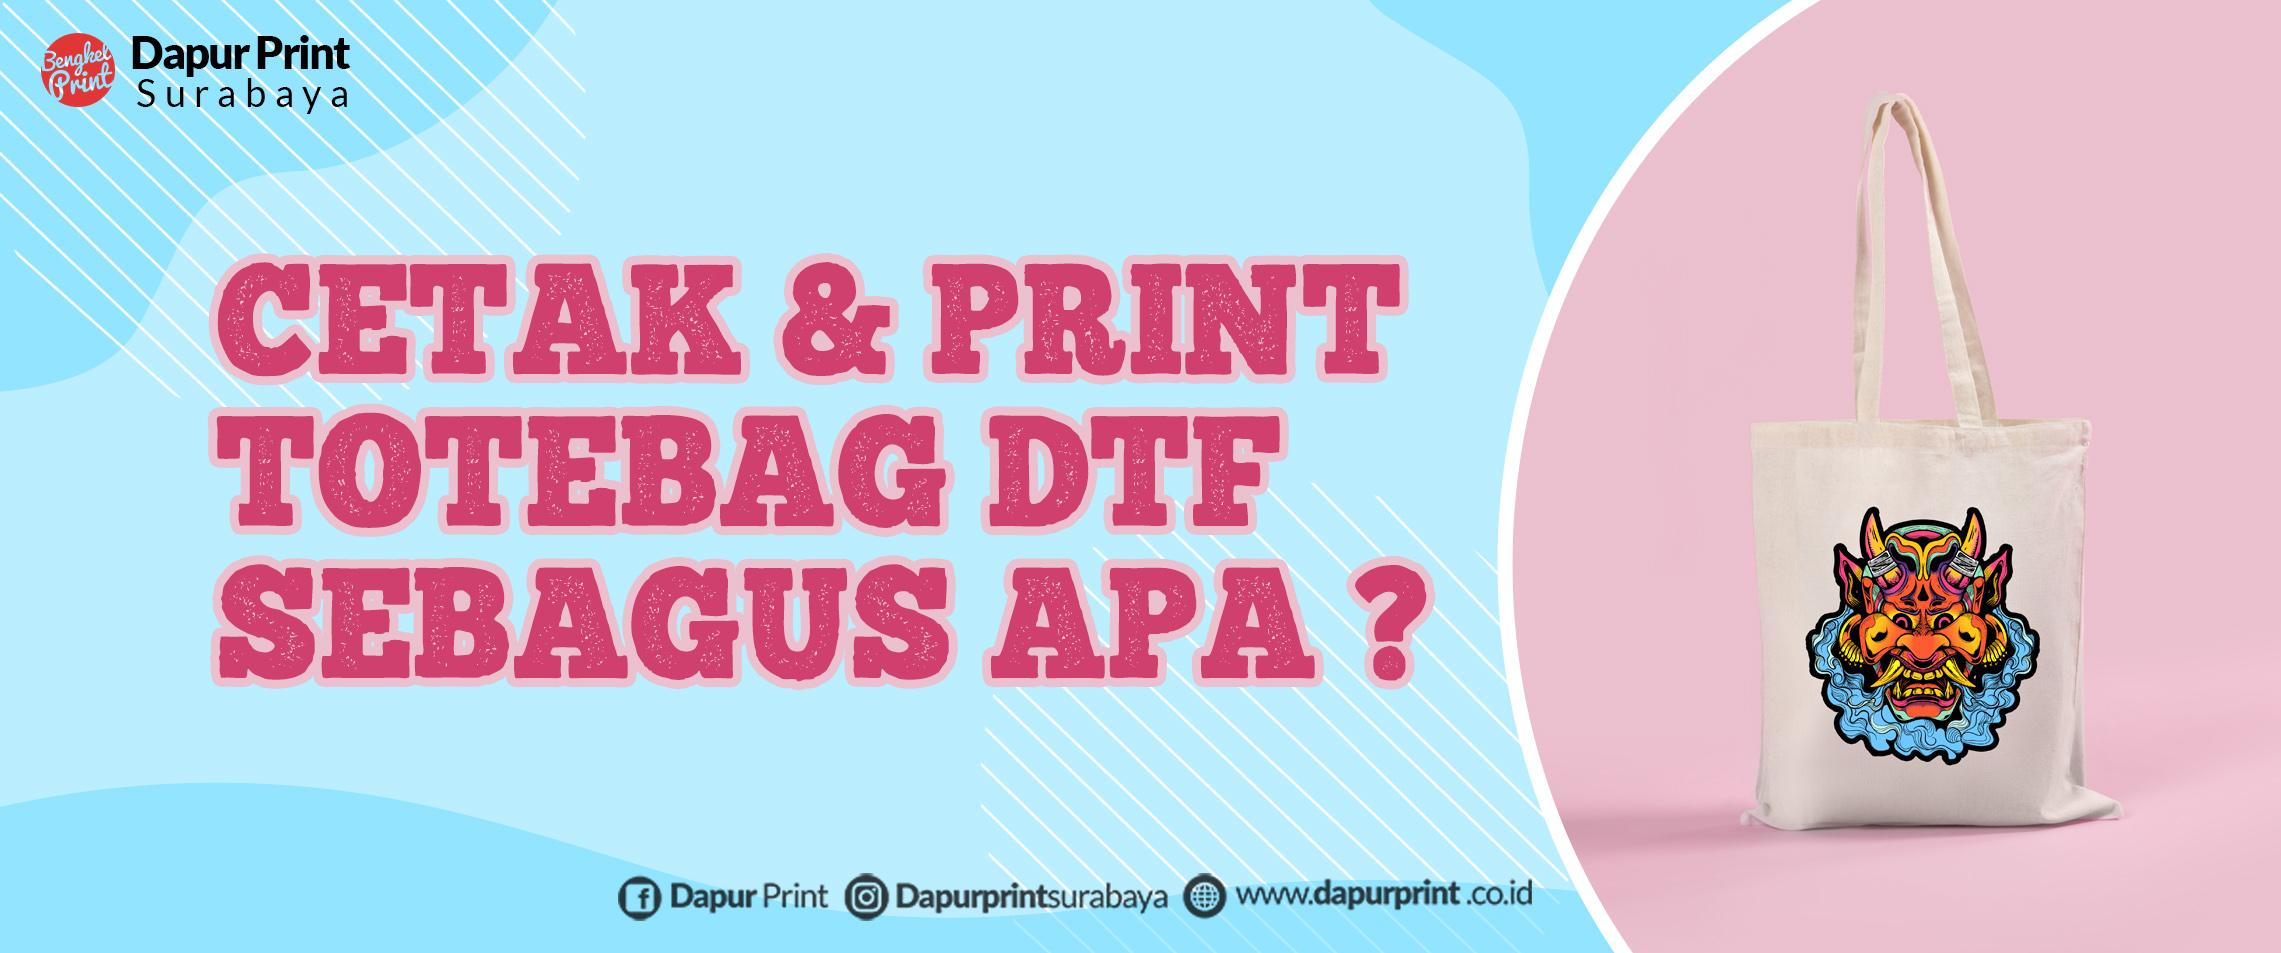 Cetak Tote Bag Transfer Film DTF Satuan